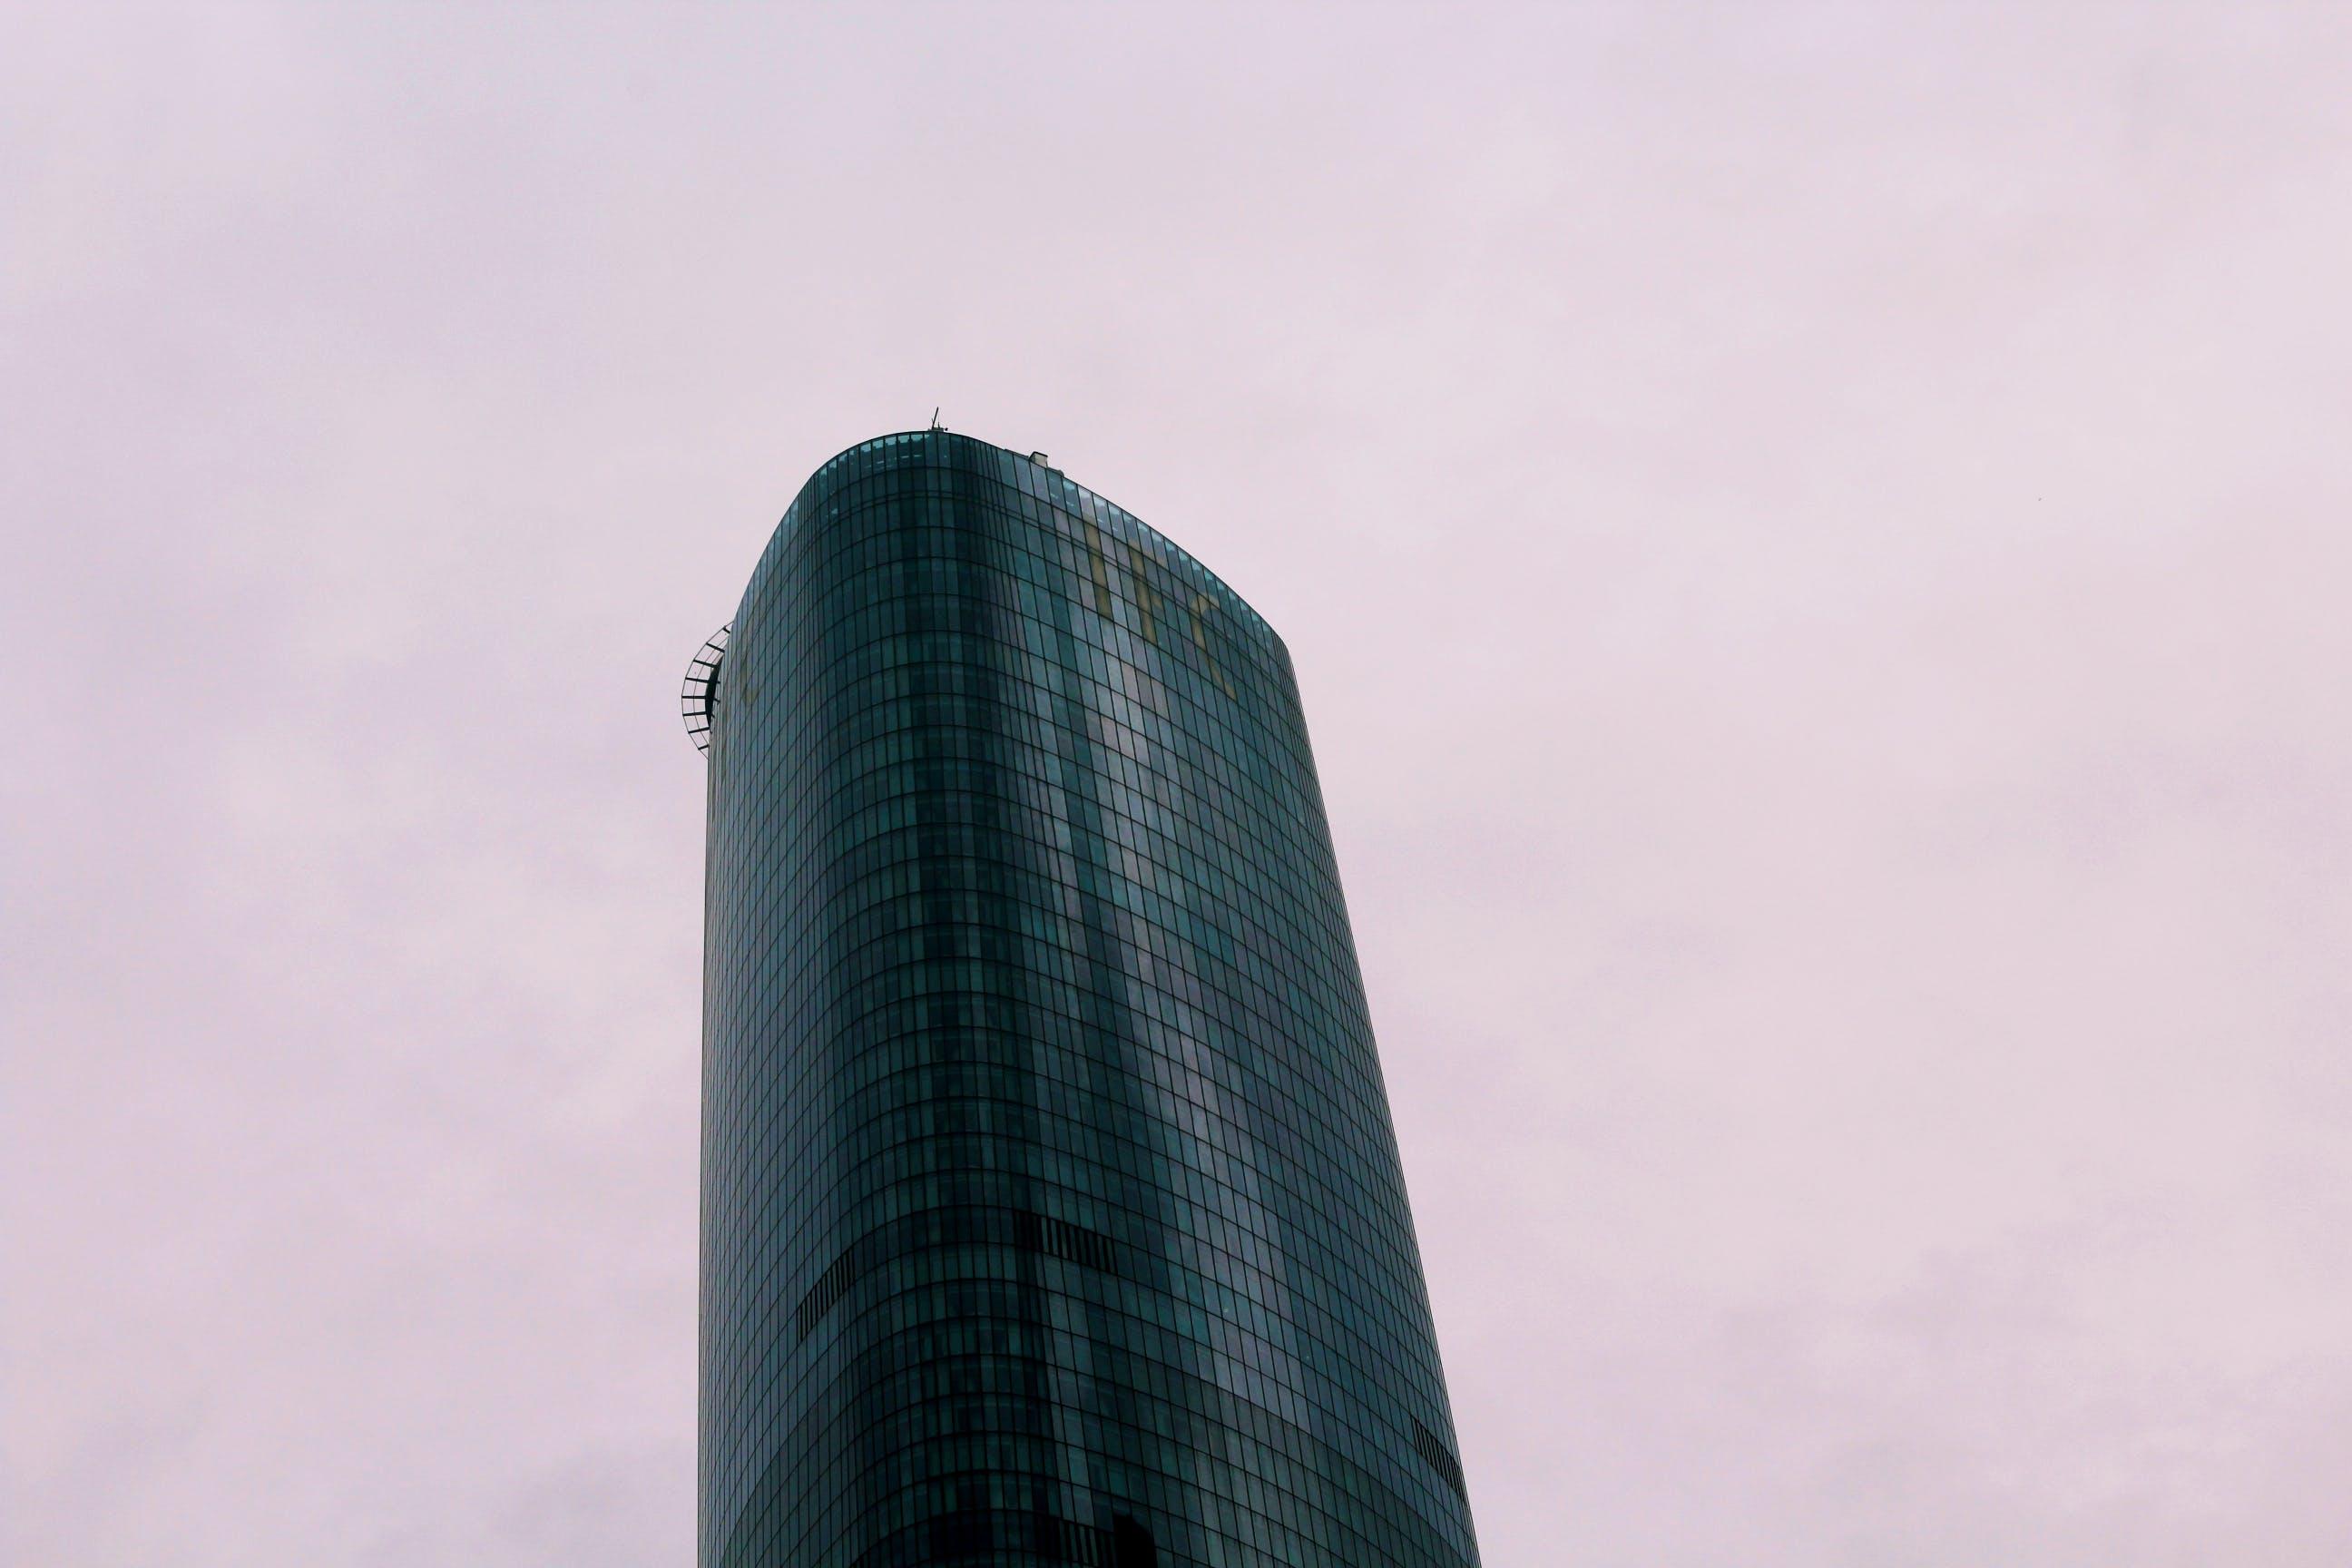 Kostenloses Stock Foto zu himmel, skyline, architektur, fenster